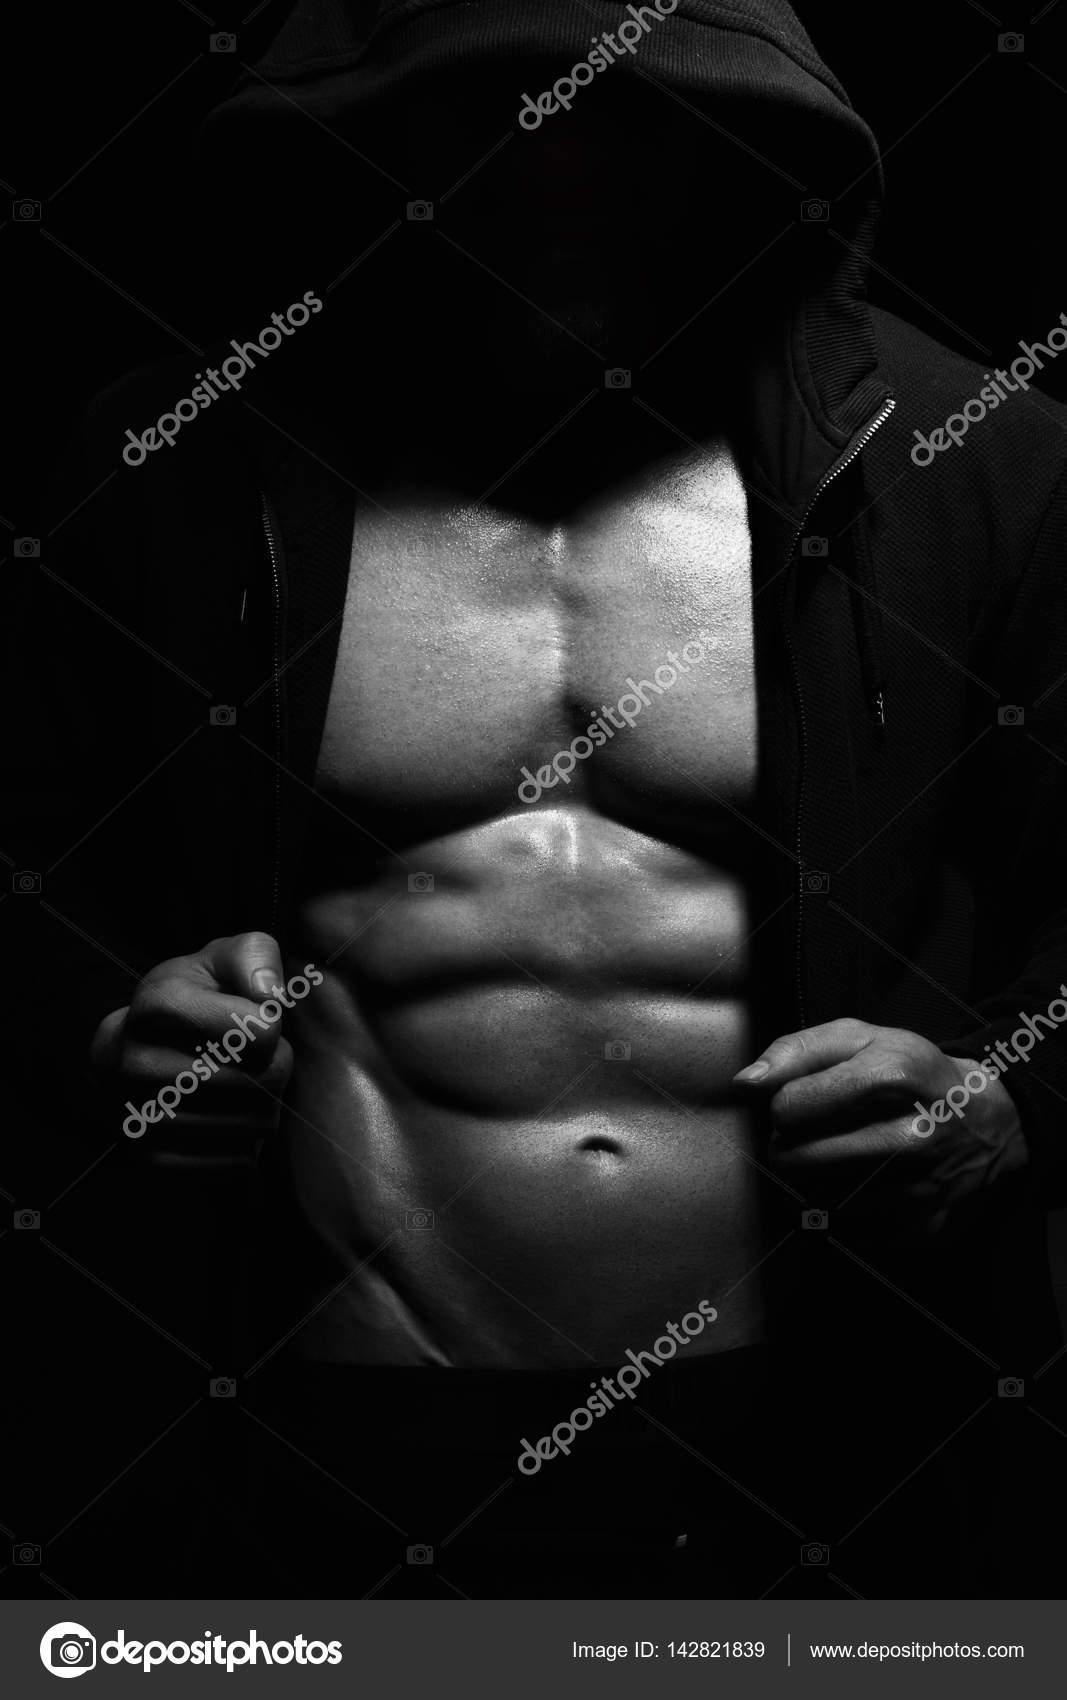 Černobílé sexuální fotografie